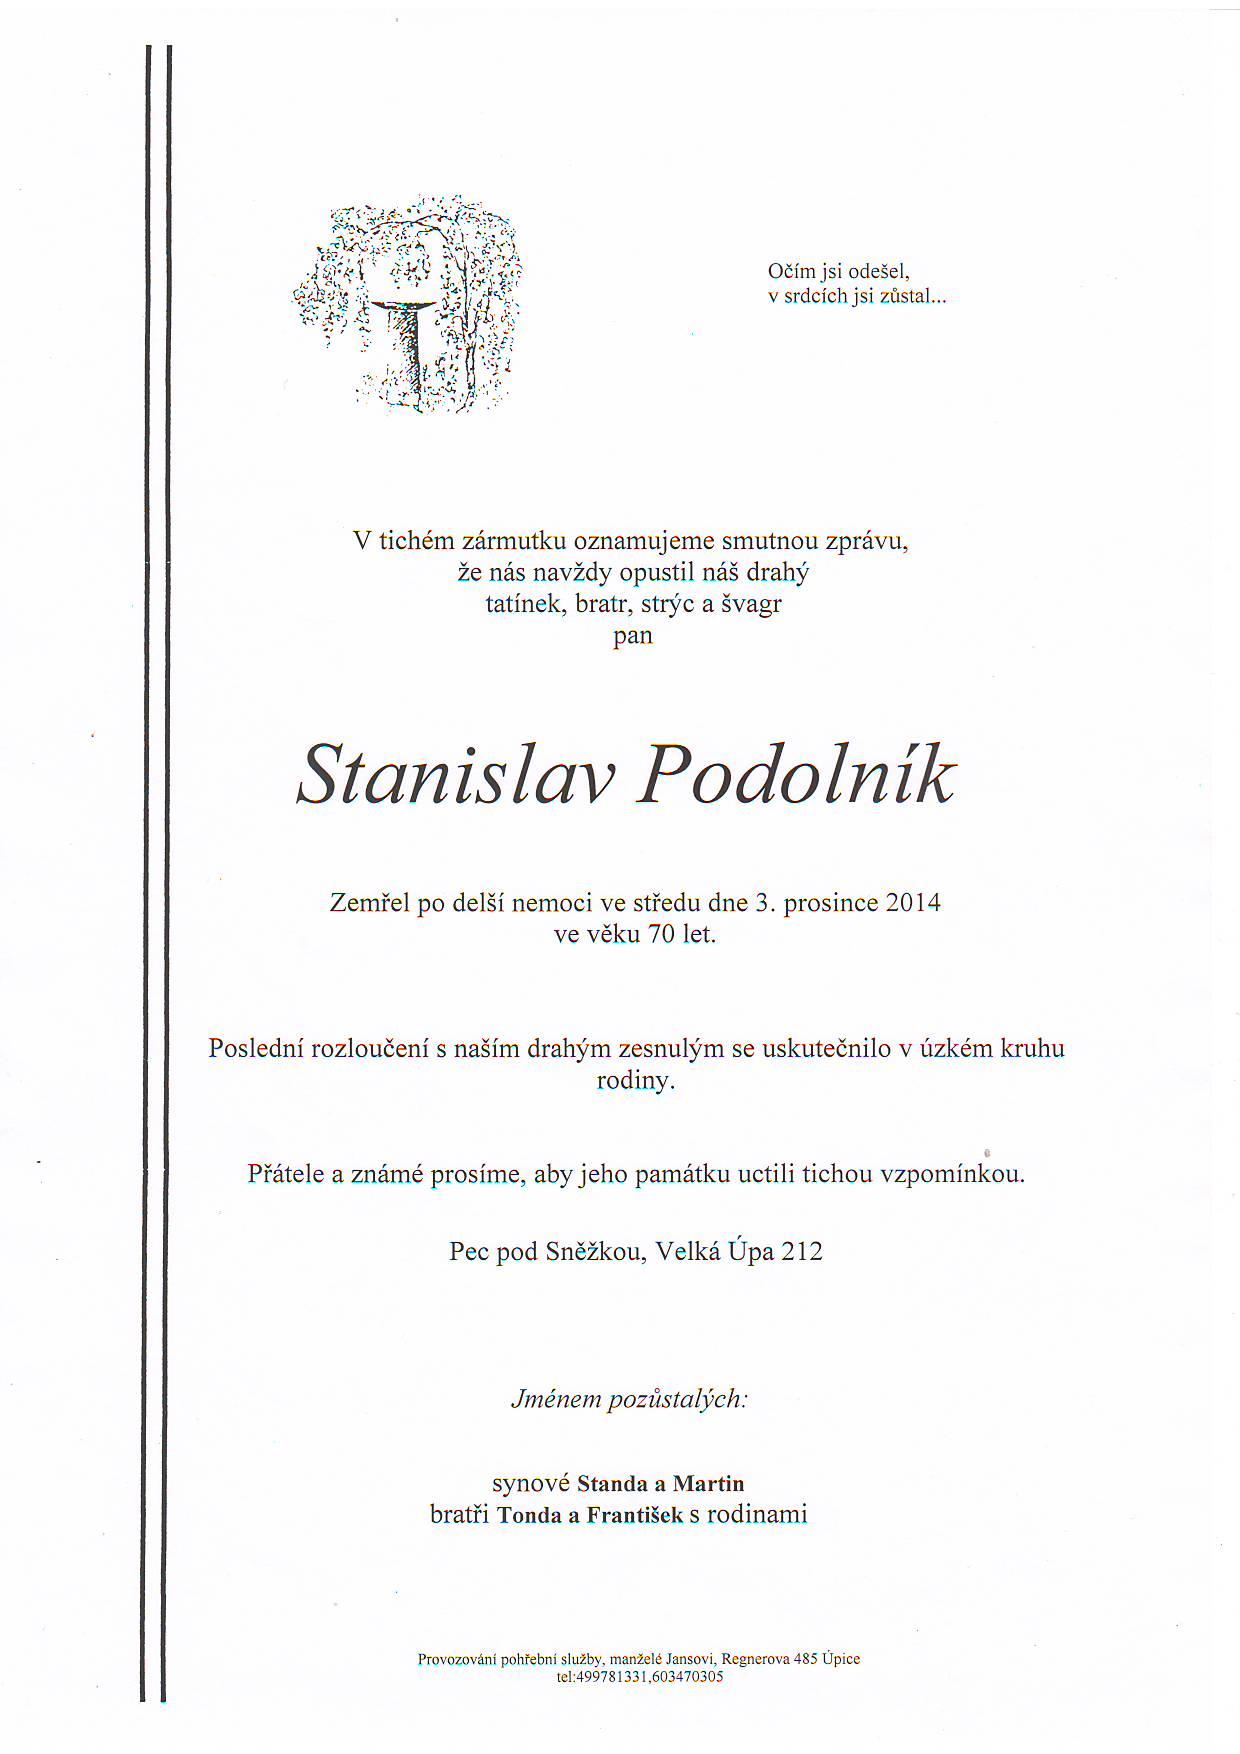 14_podolnik_stanislav